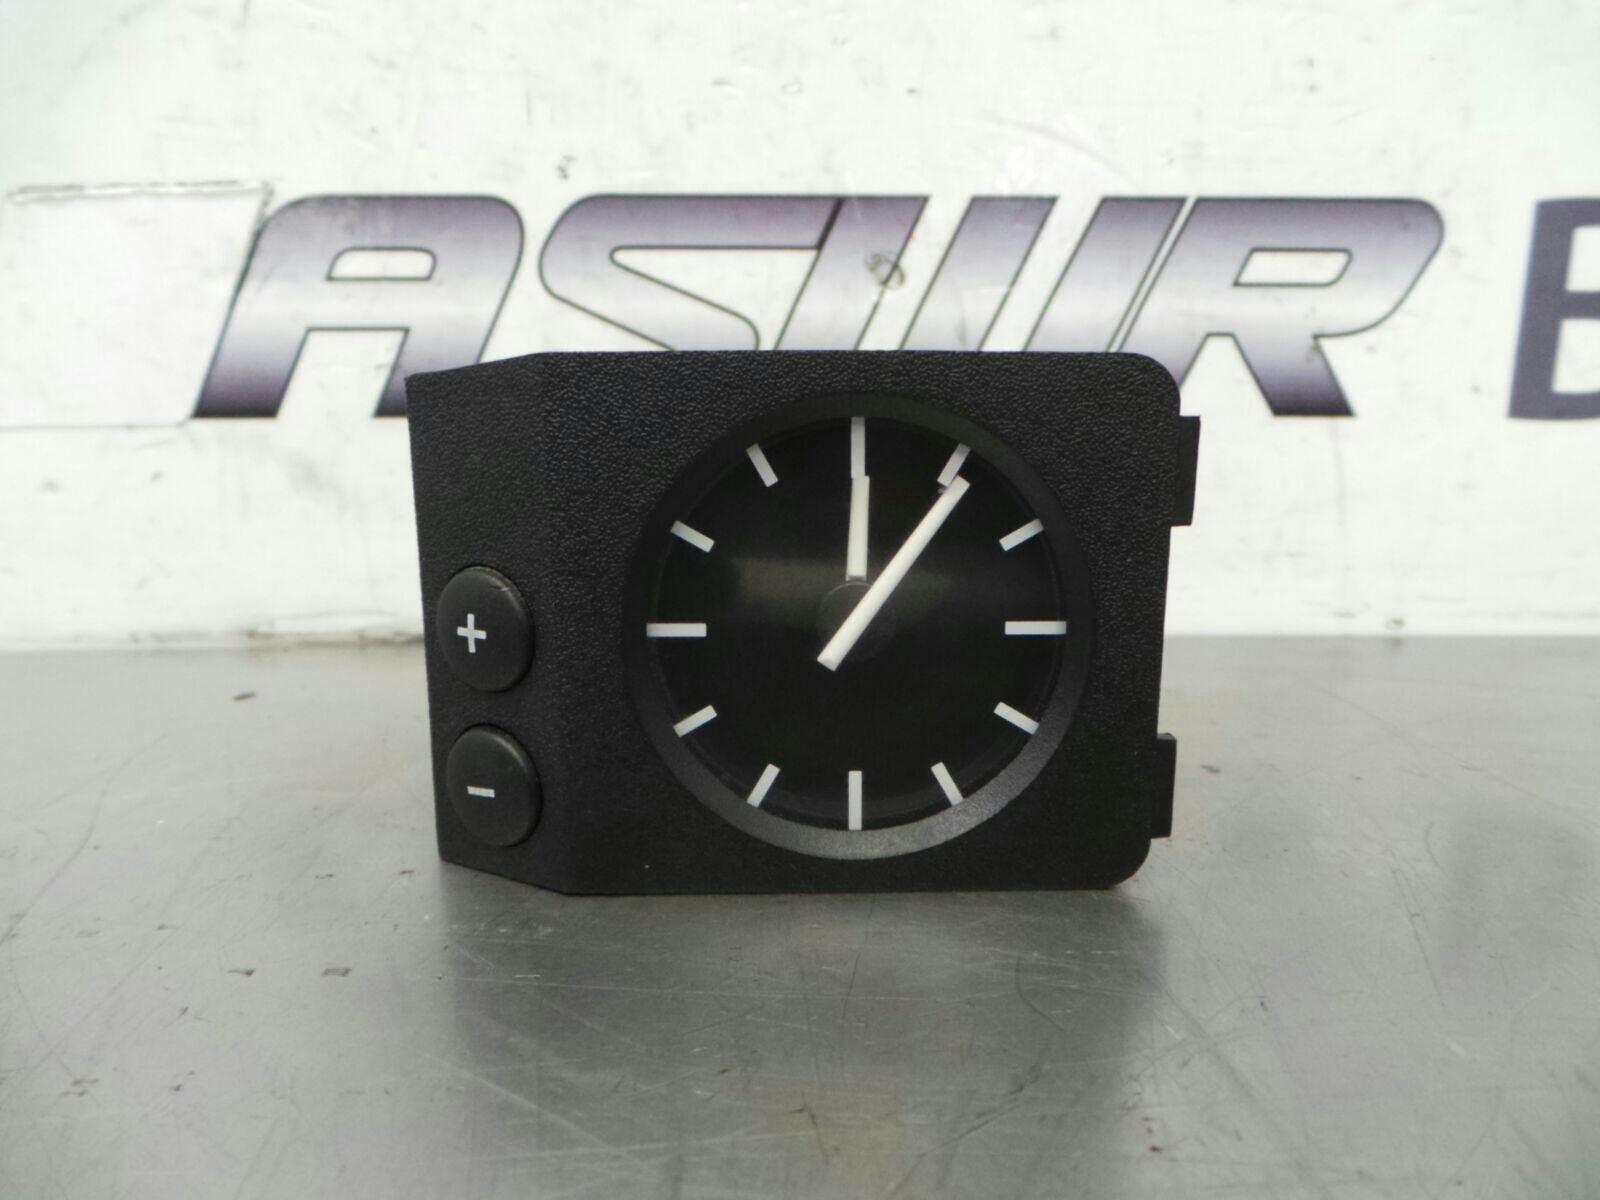 BMW E36 3 SERIES clock 62131387414